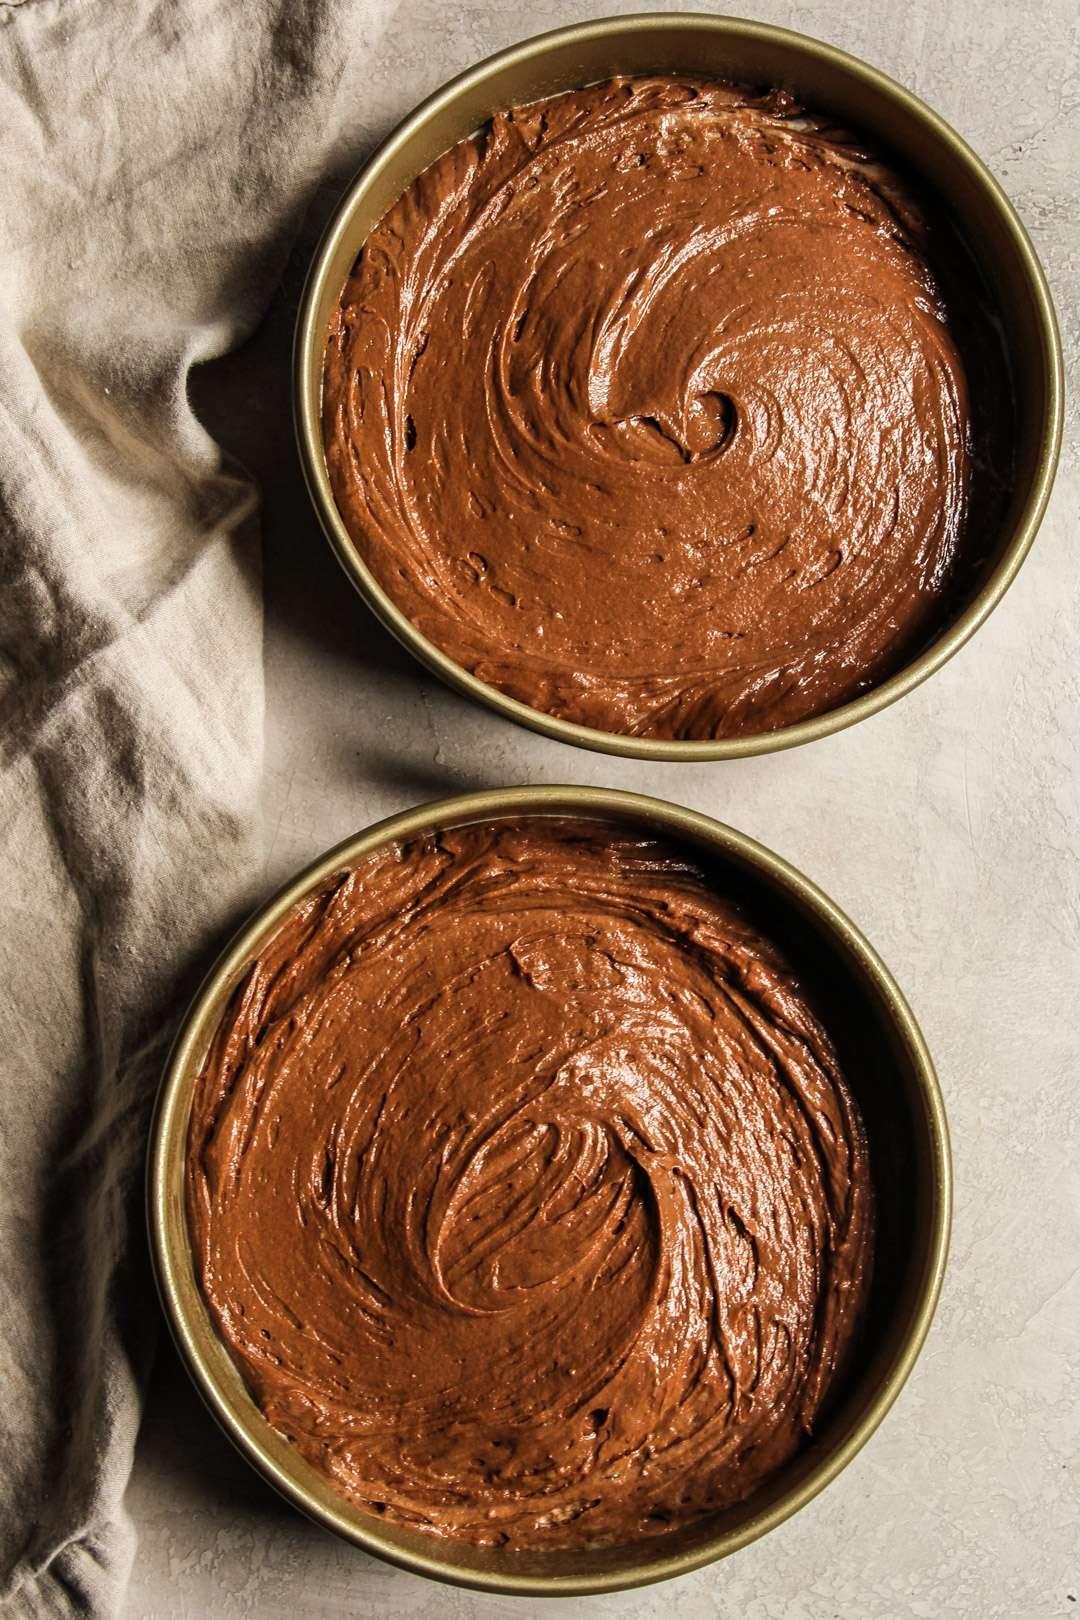 Chocolate Dulce de Leche Caramel Turtle Cake Recipe